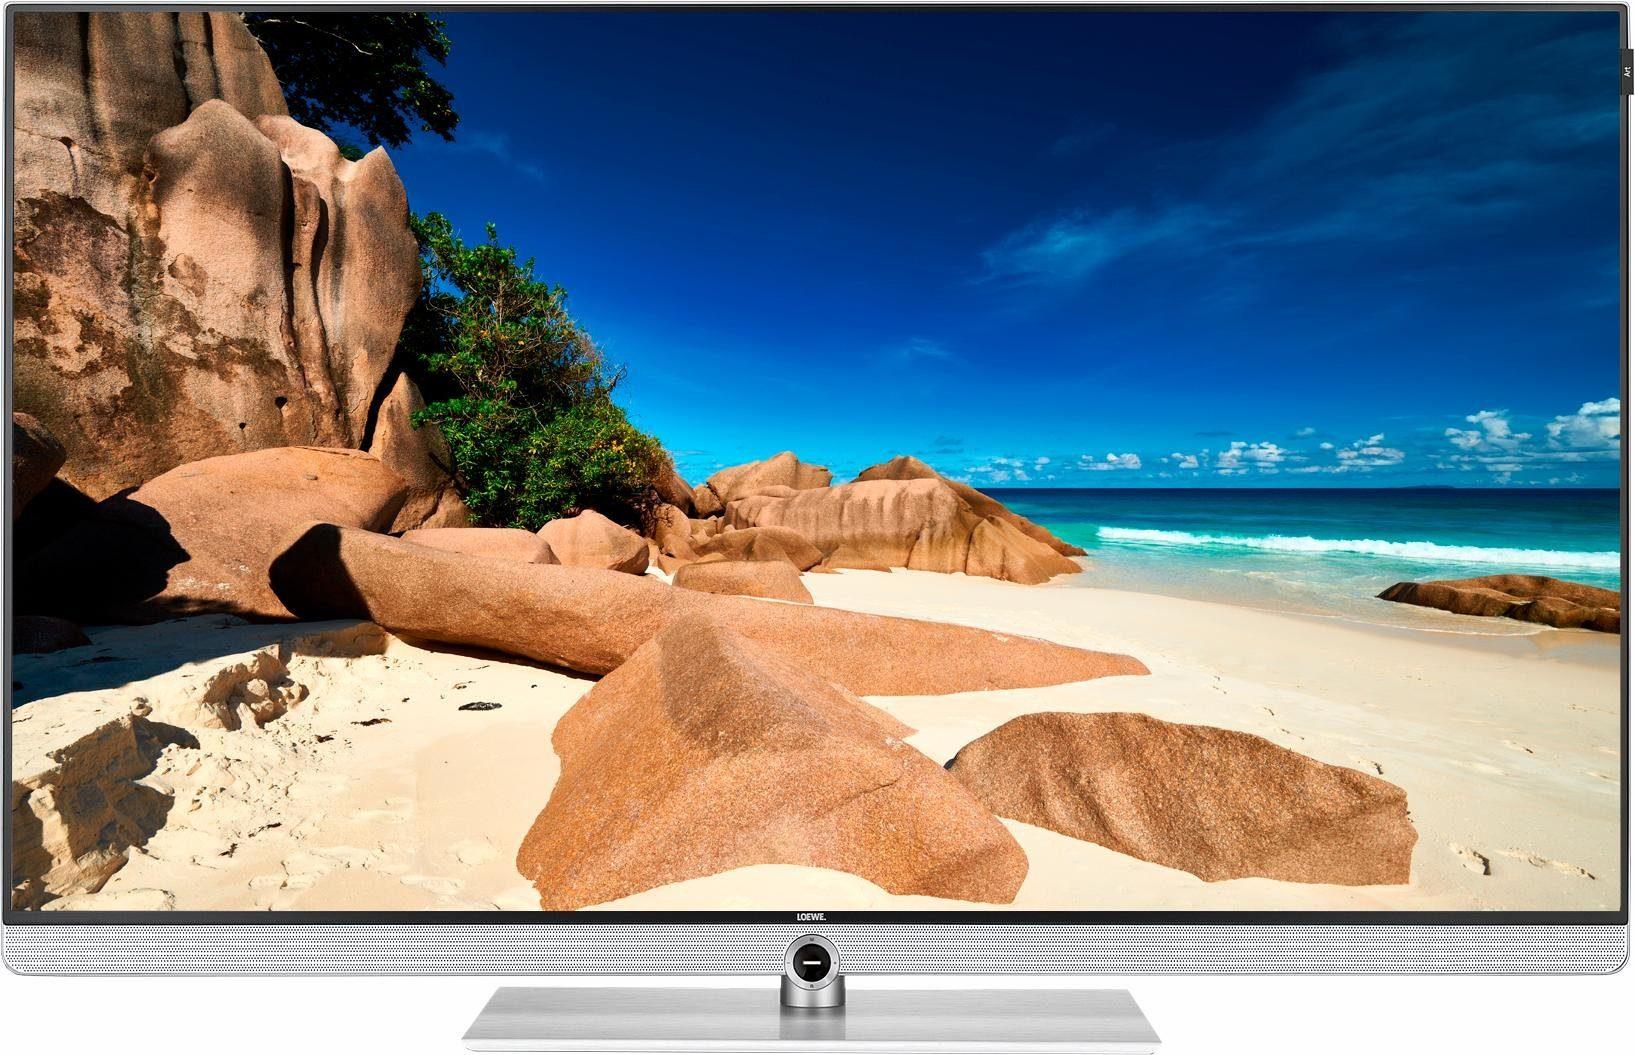 [electronic4you] LOEWE ART 48, 122 cm (48 Zoll), UHD 4K, SMART TV, LED TV, DVB-T2 (H.265), DVB-C, DVB-S, DVB-S2